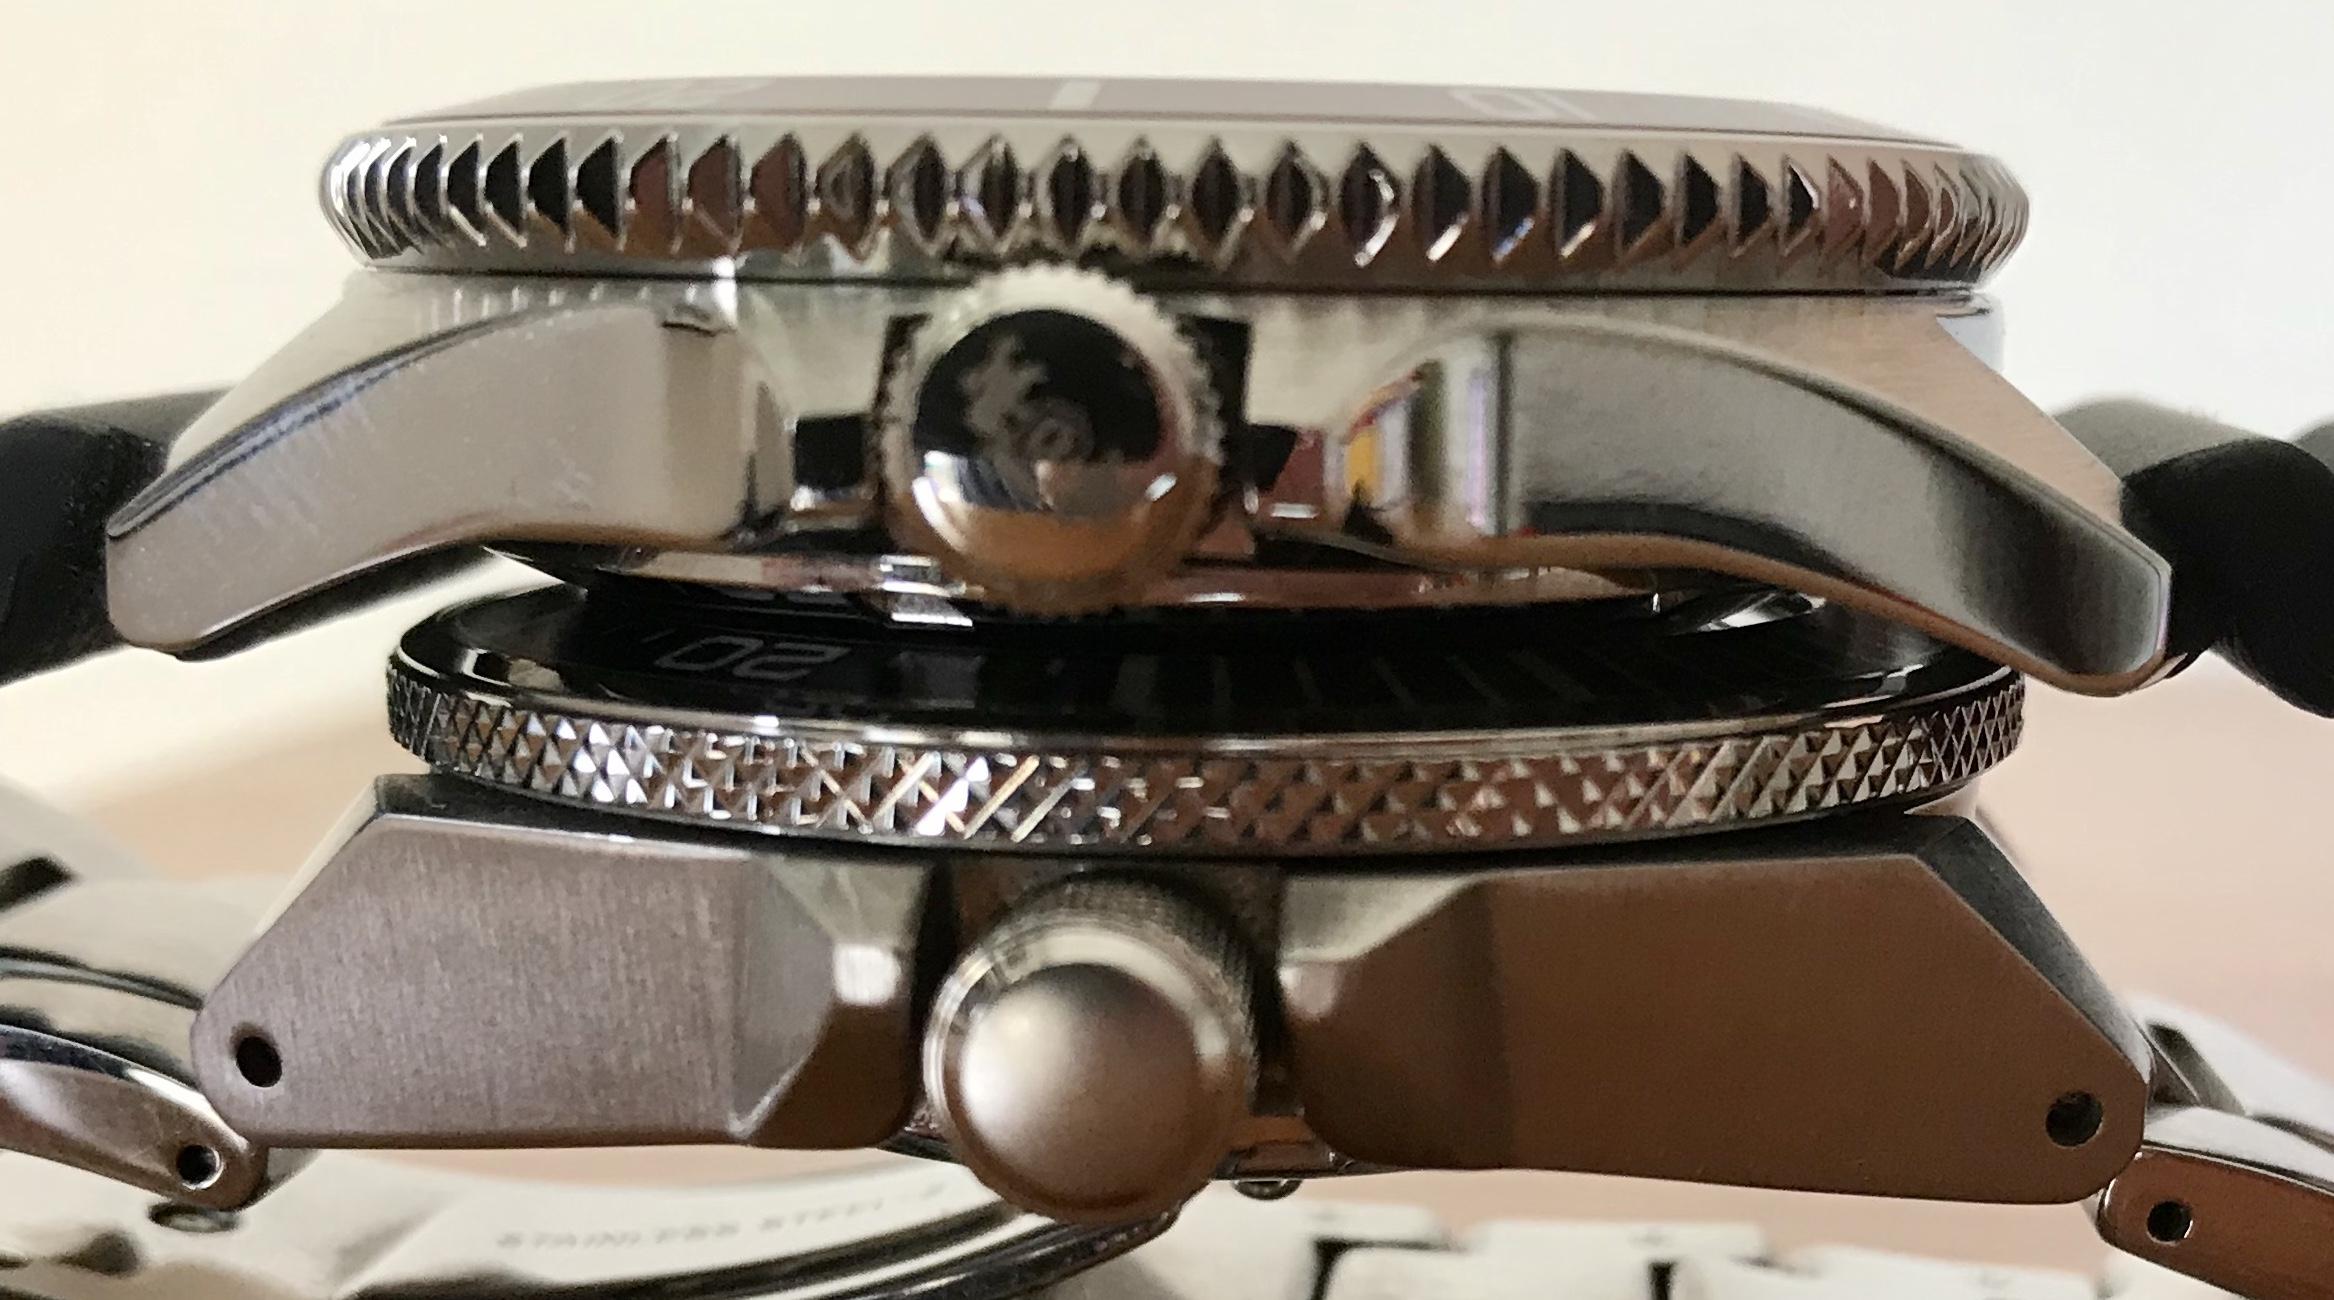 Orient KANO Diver - Compra e primeiras impressões C1-D1-B1-B5-BDA9-4124-8-AC0-D1-EB990-C2-C96